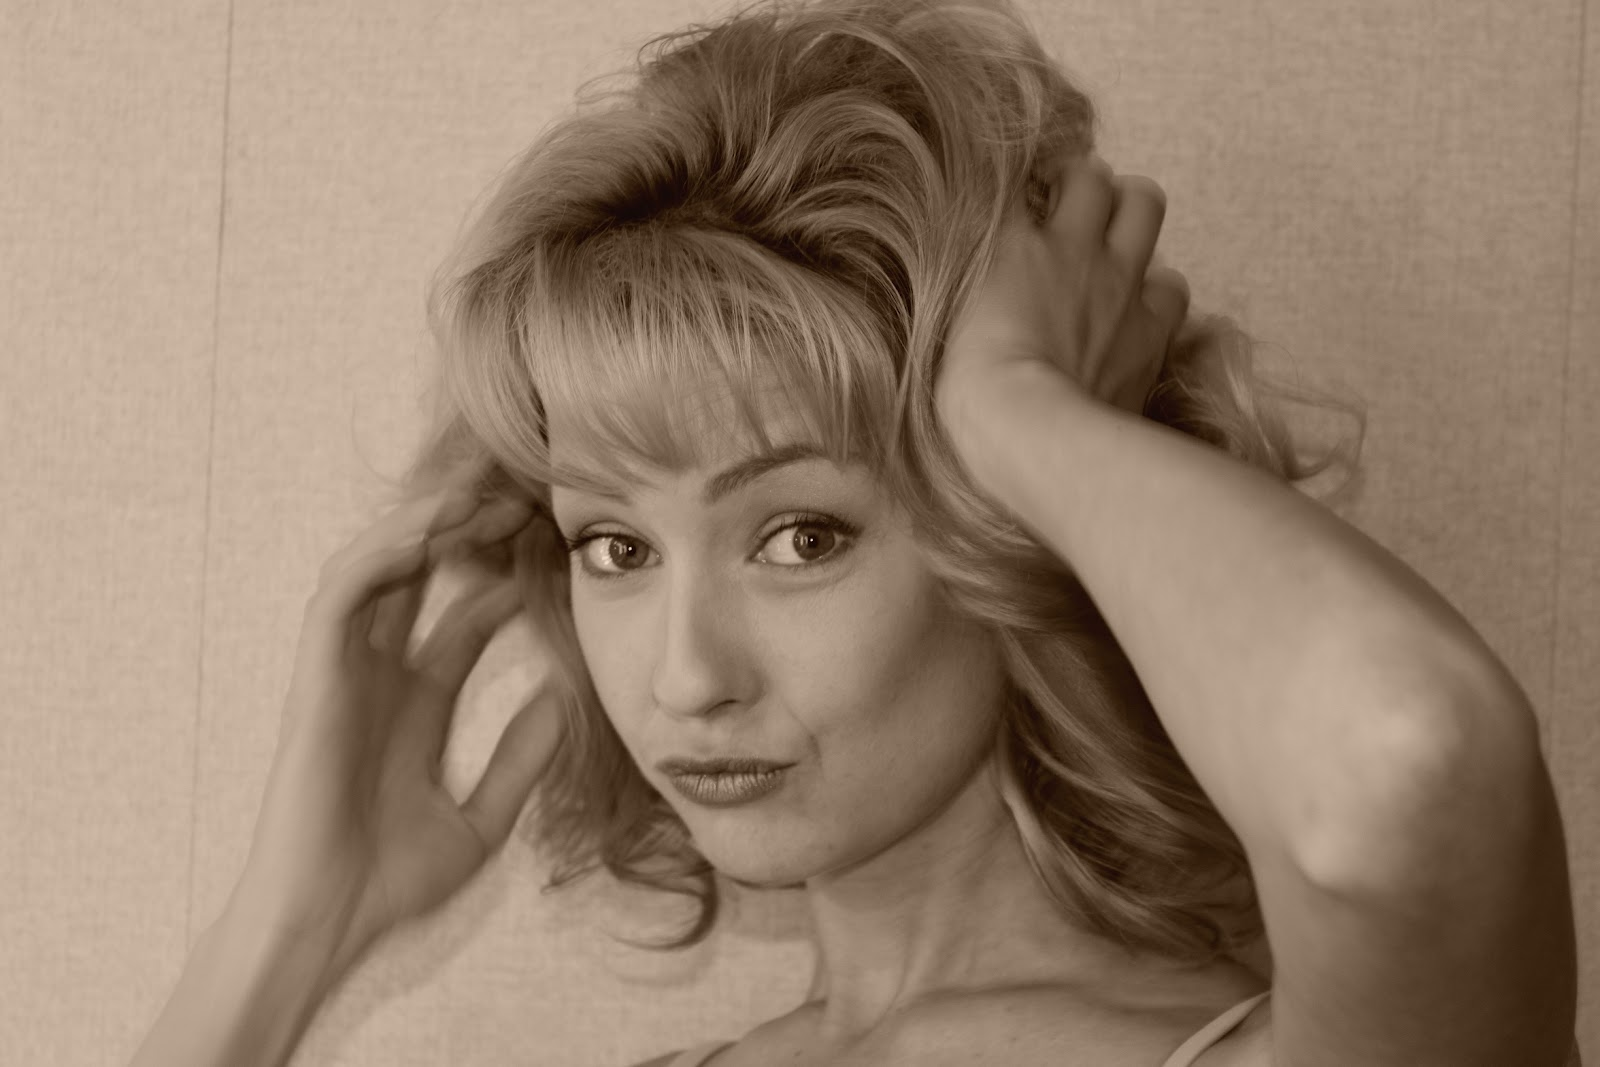 Анна Арефьева: биография, личная жизнь, фильмы, роли и фото актрисы